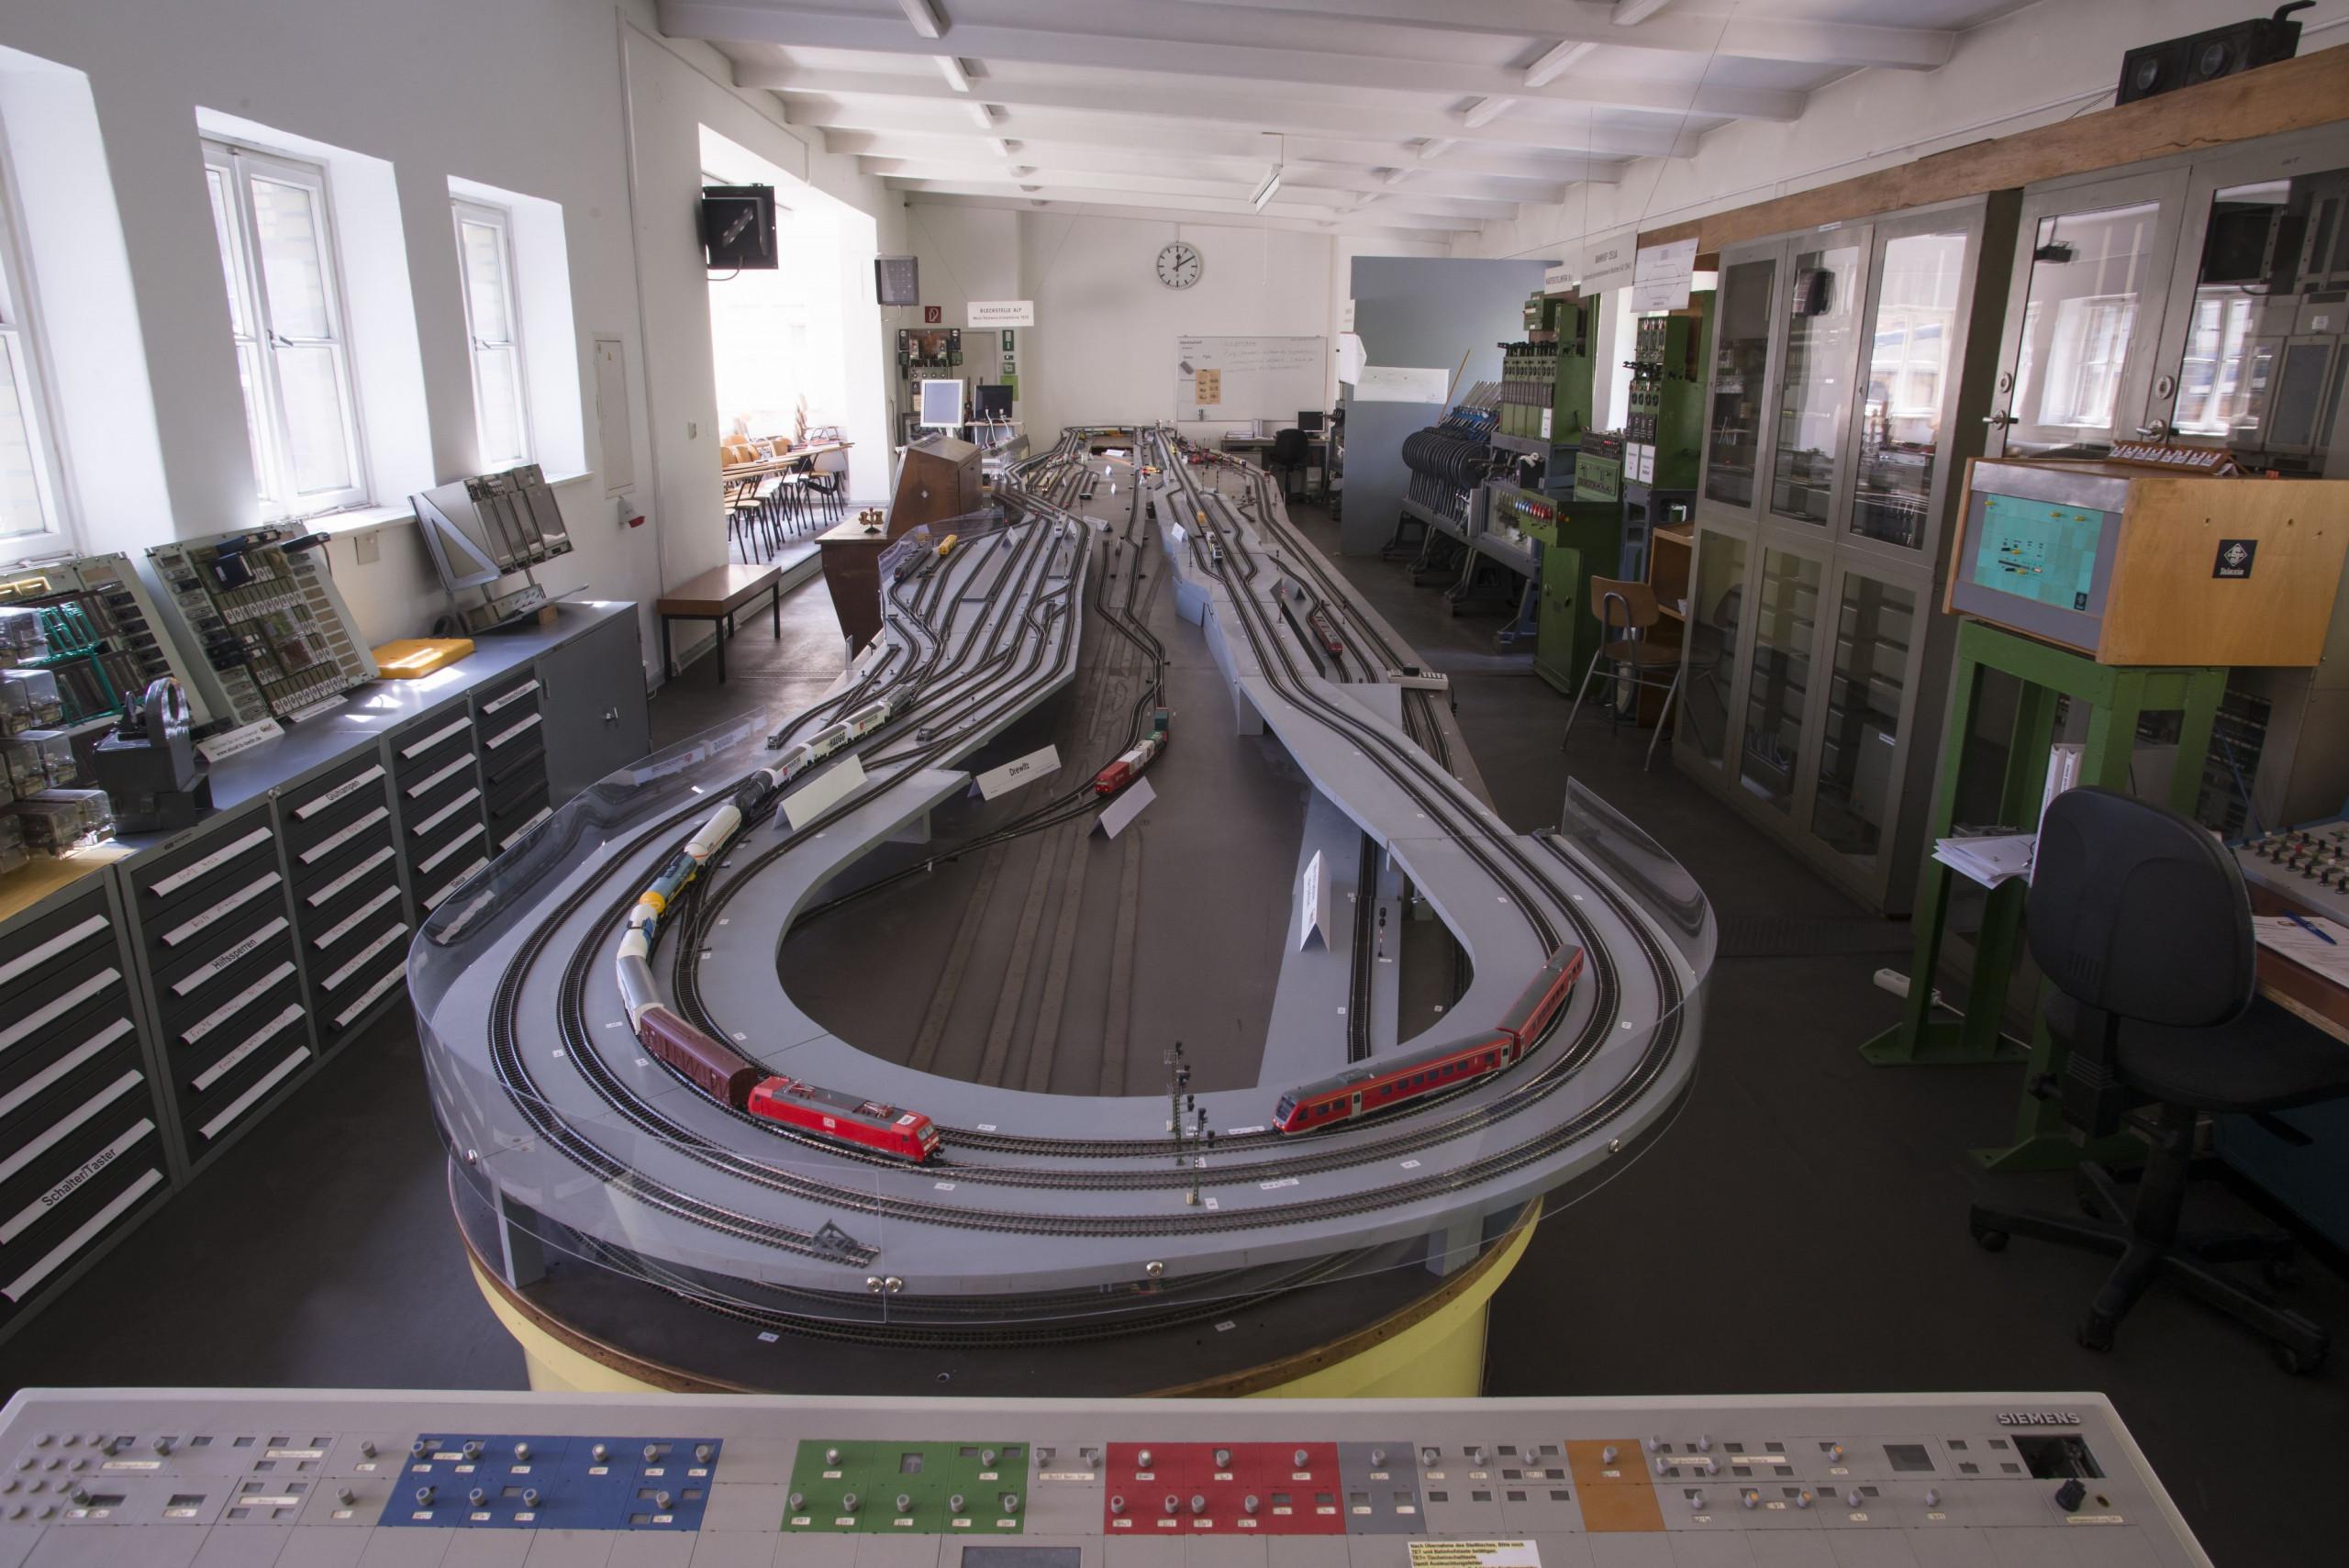 Eisenbahn-Betriebs- und Experimentierfeld EBuEF der TU Berlin